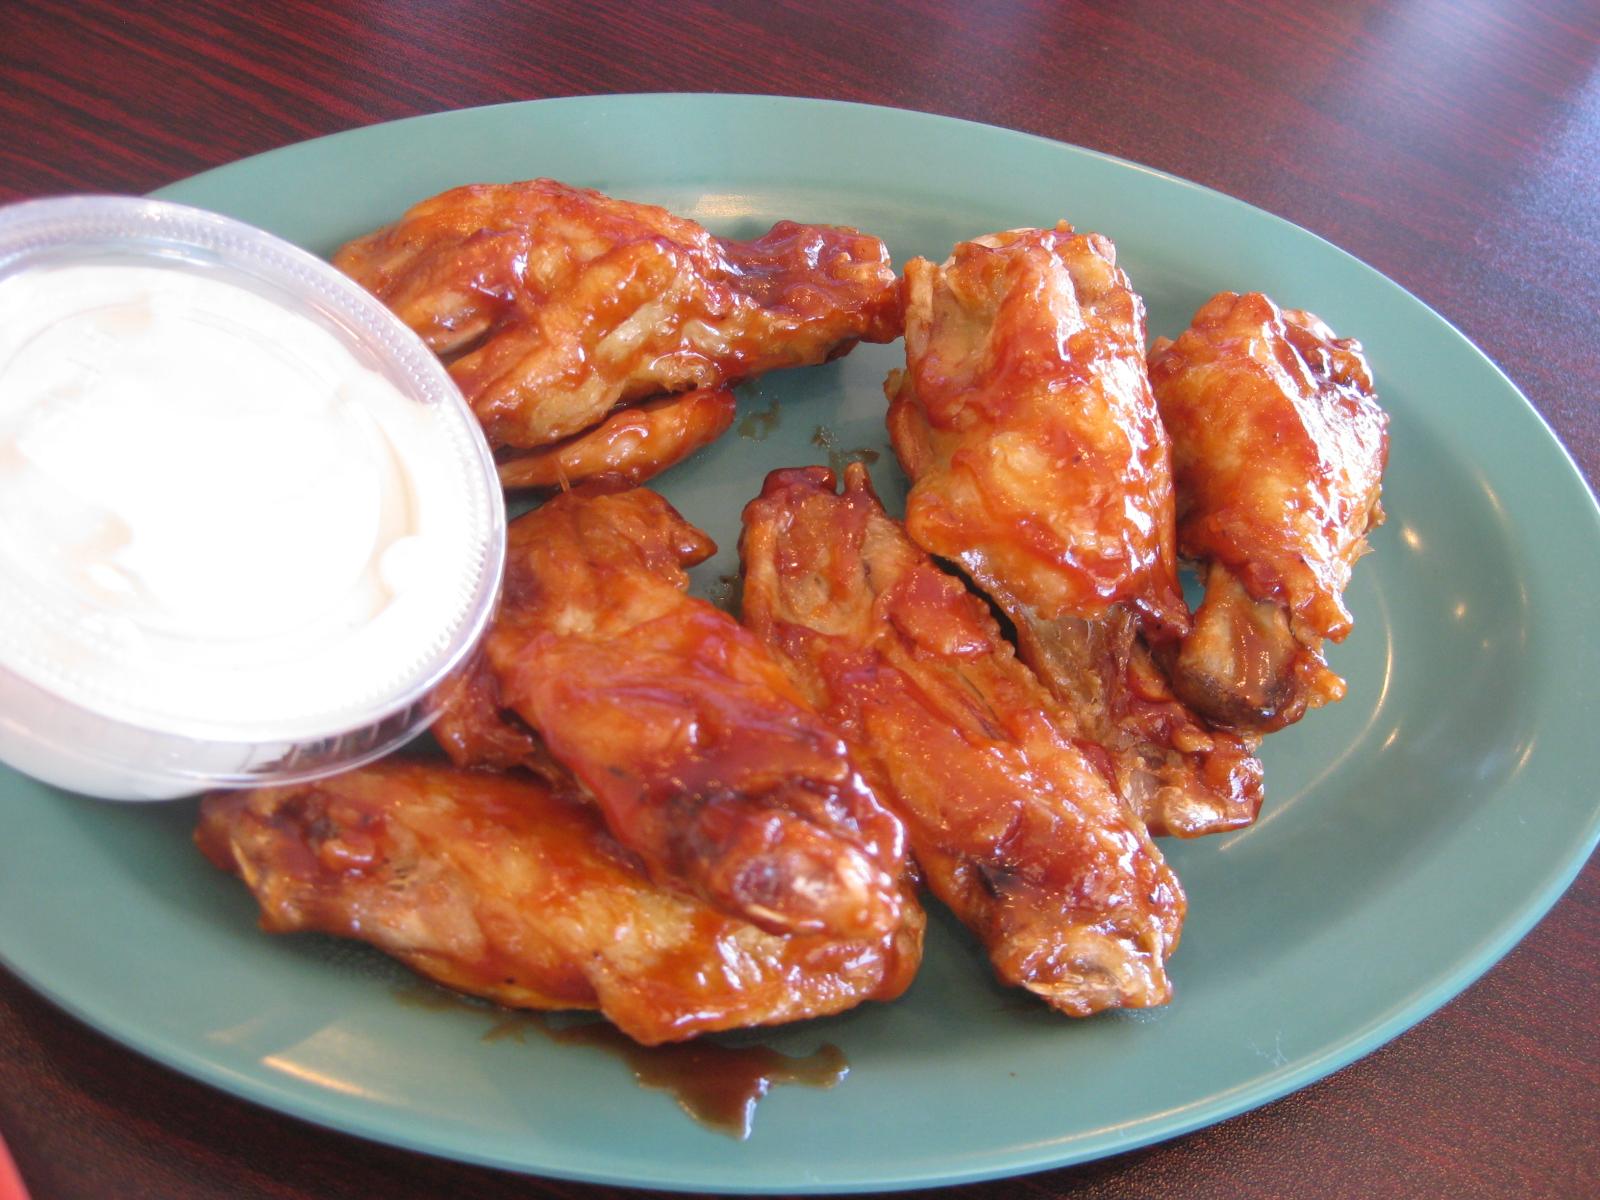 Mary S Restaurant Pollo A La Brasa Fairfax Va